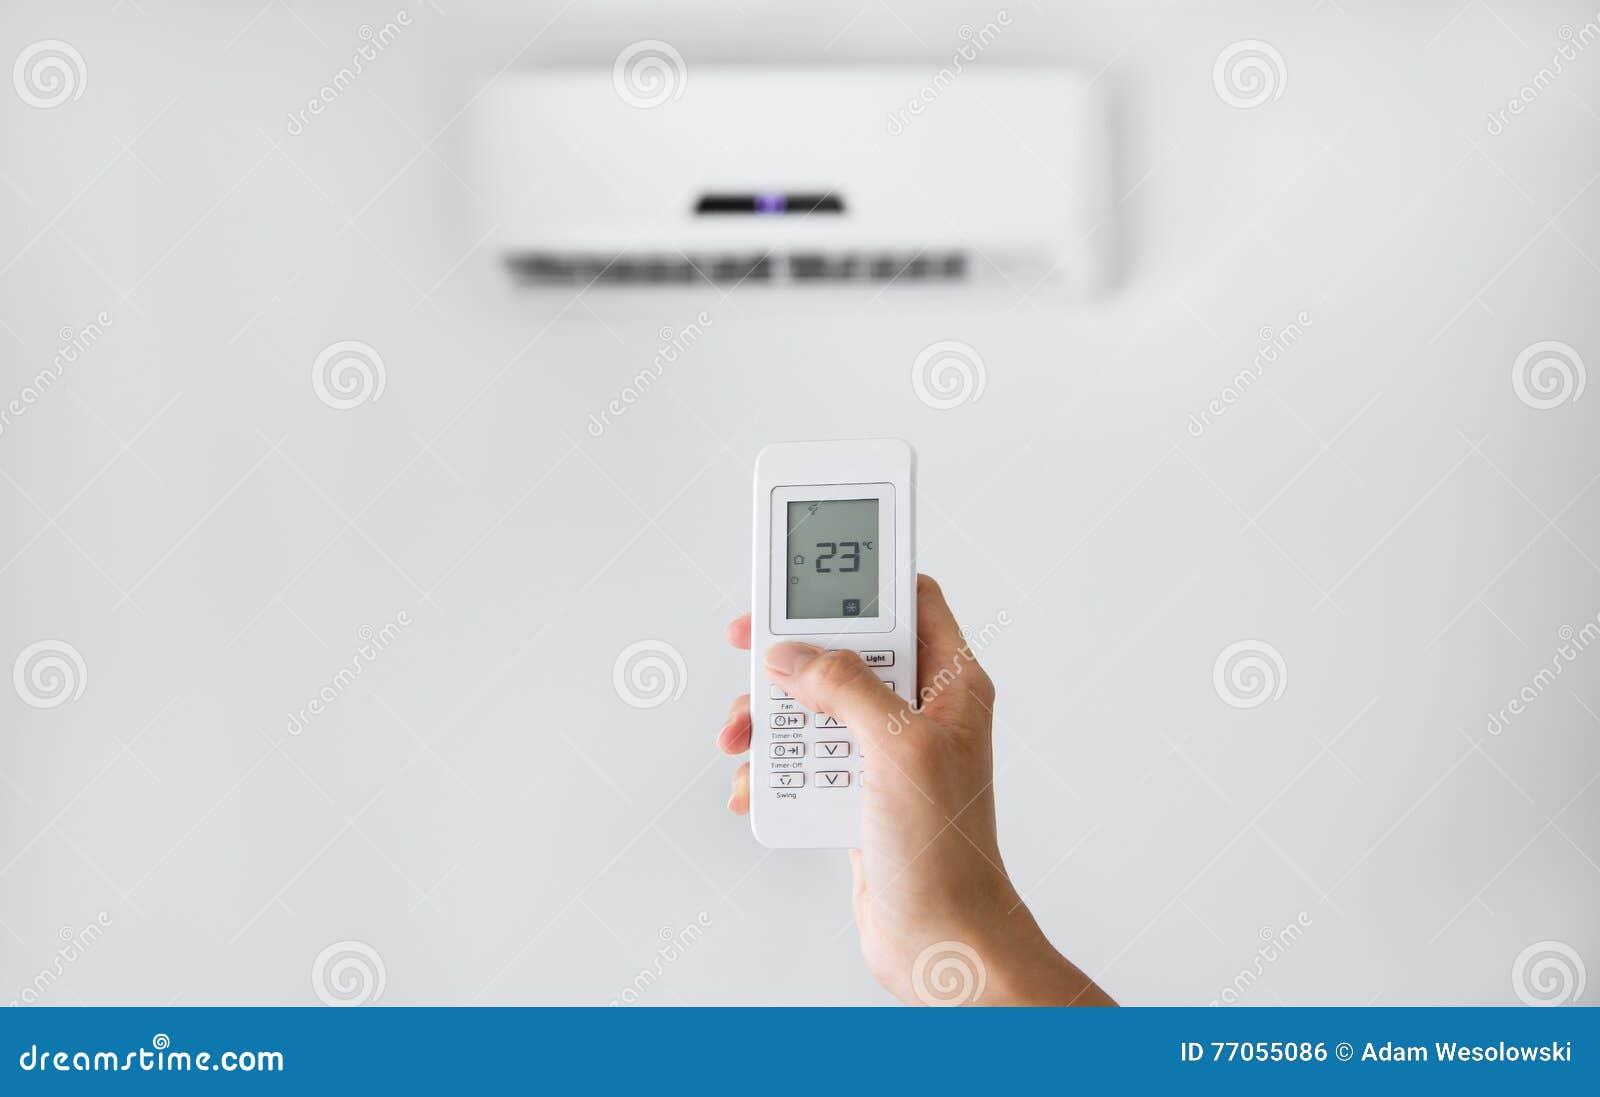 Fjärrkontroll för luftkonditioneringsapparat på en vit vägg